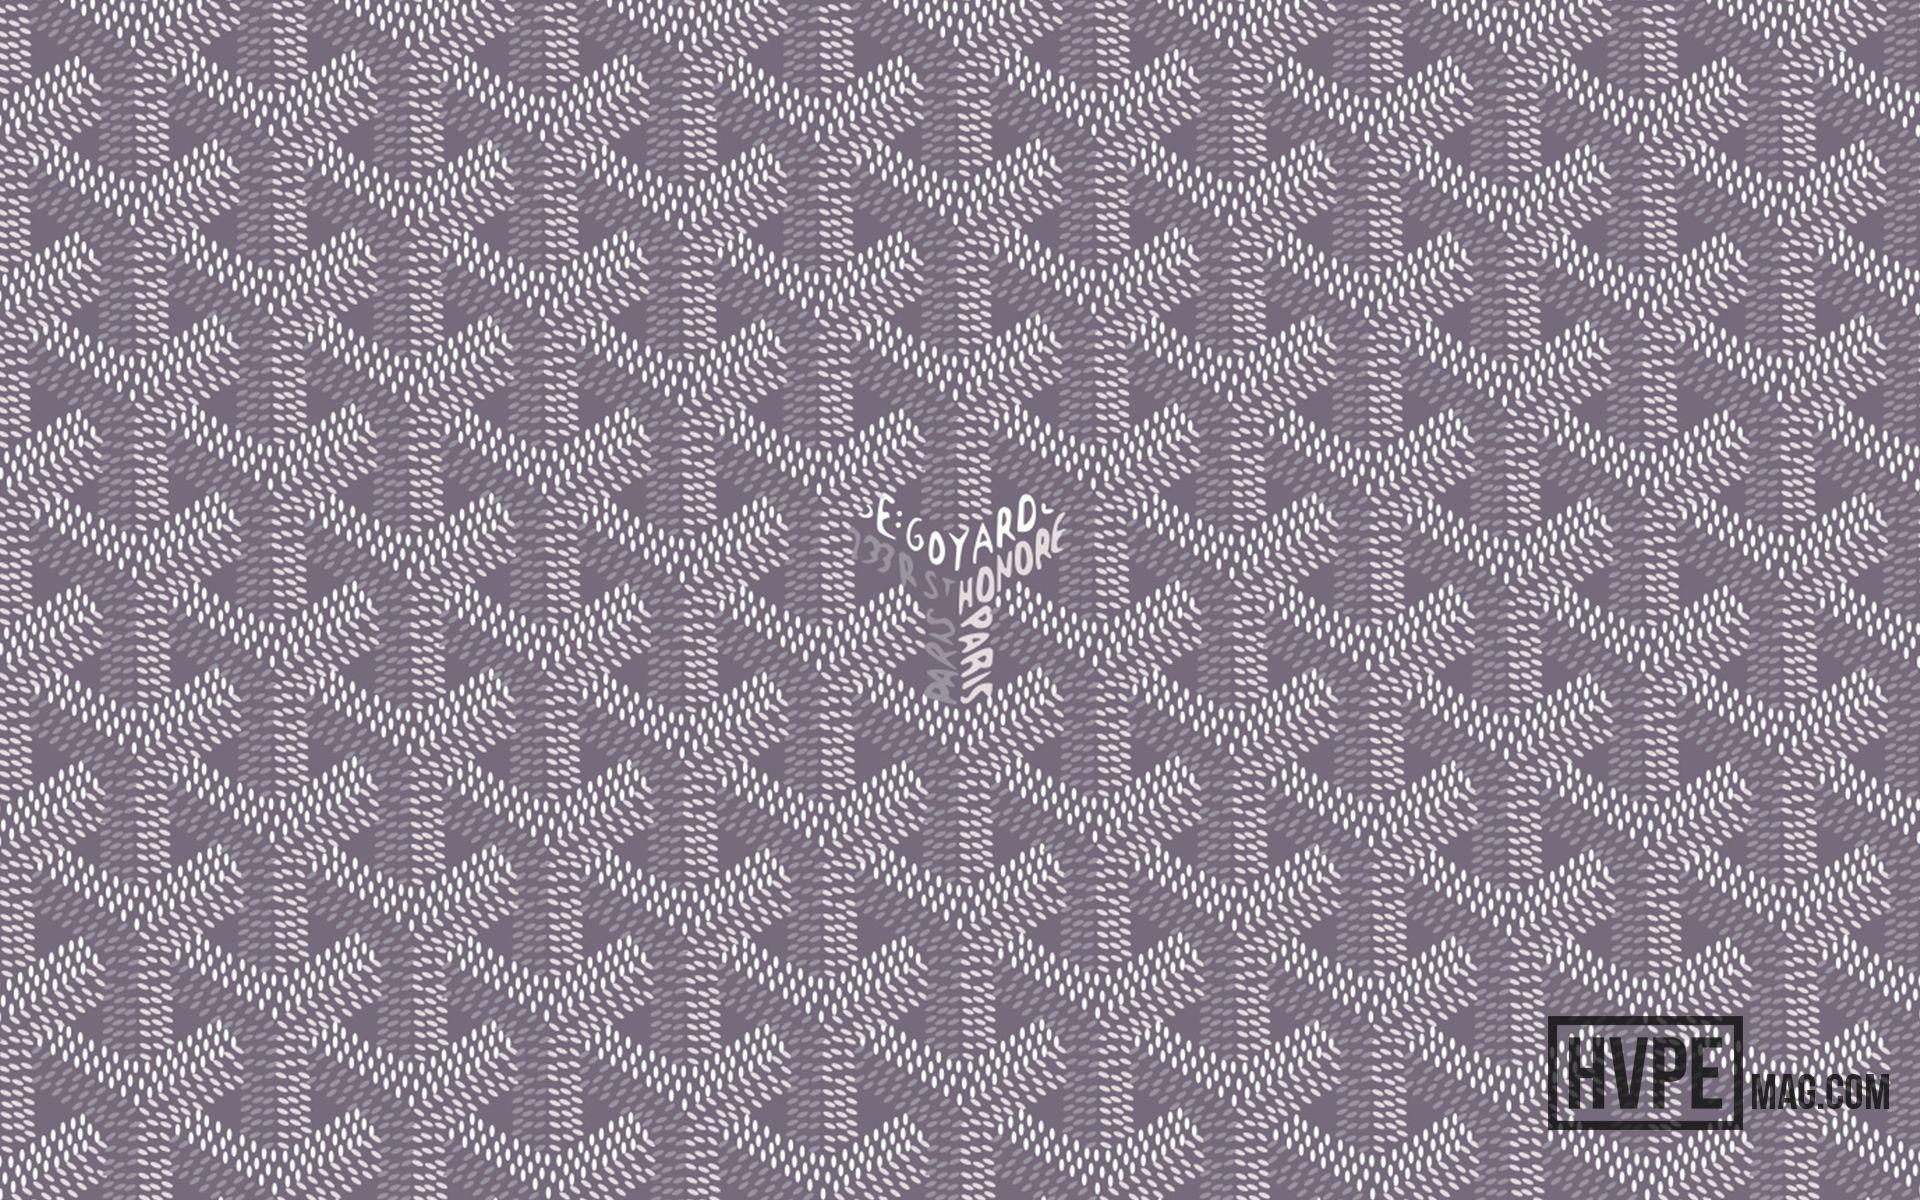 goyard-6 | HVPE